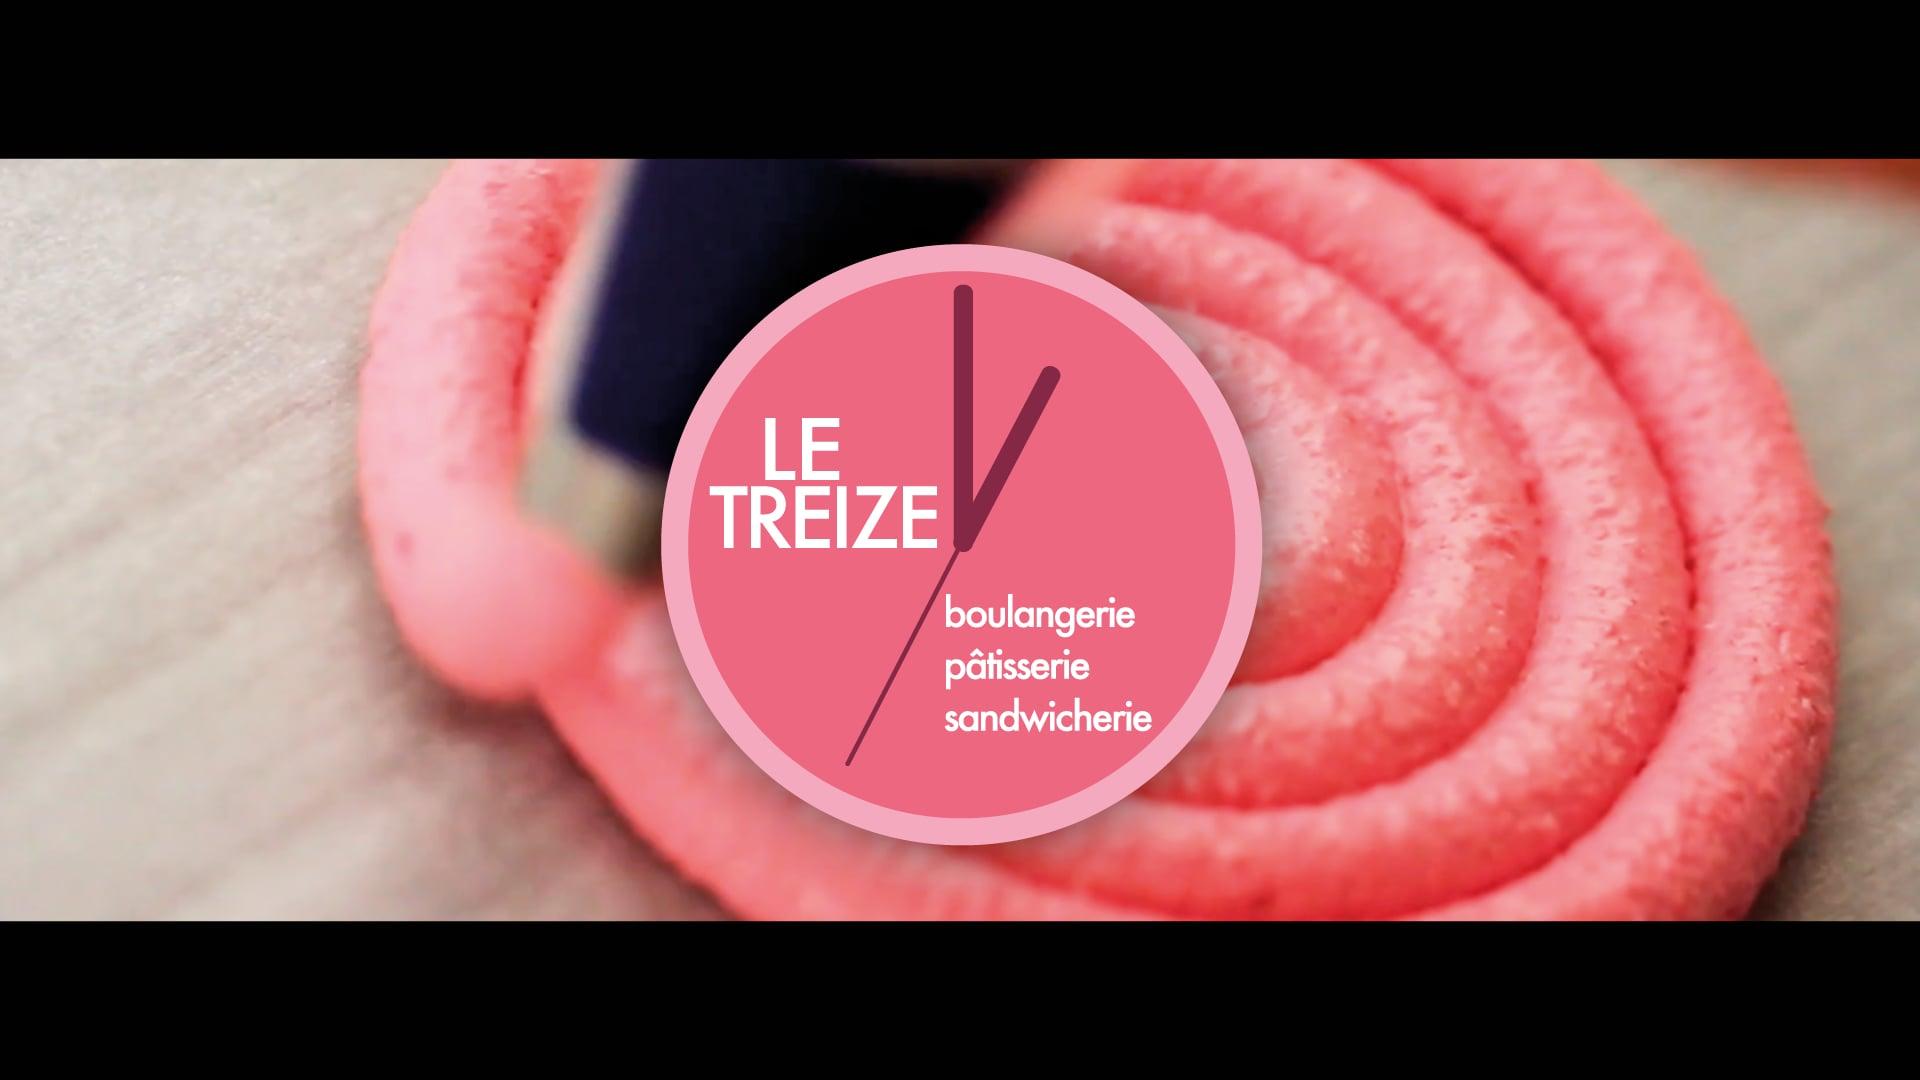 Boulangerie Le Treize